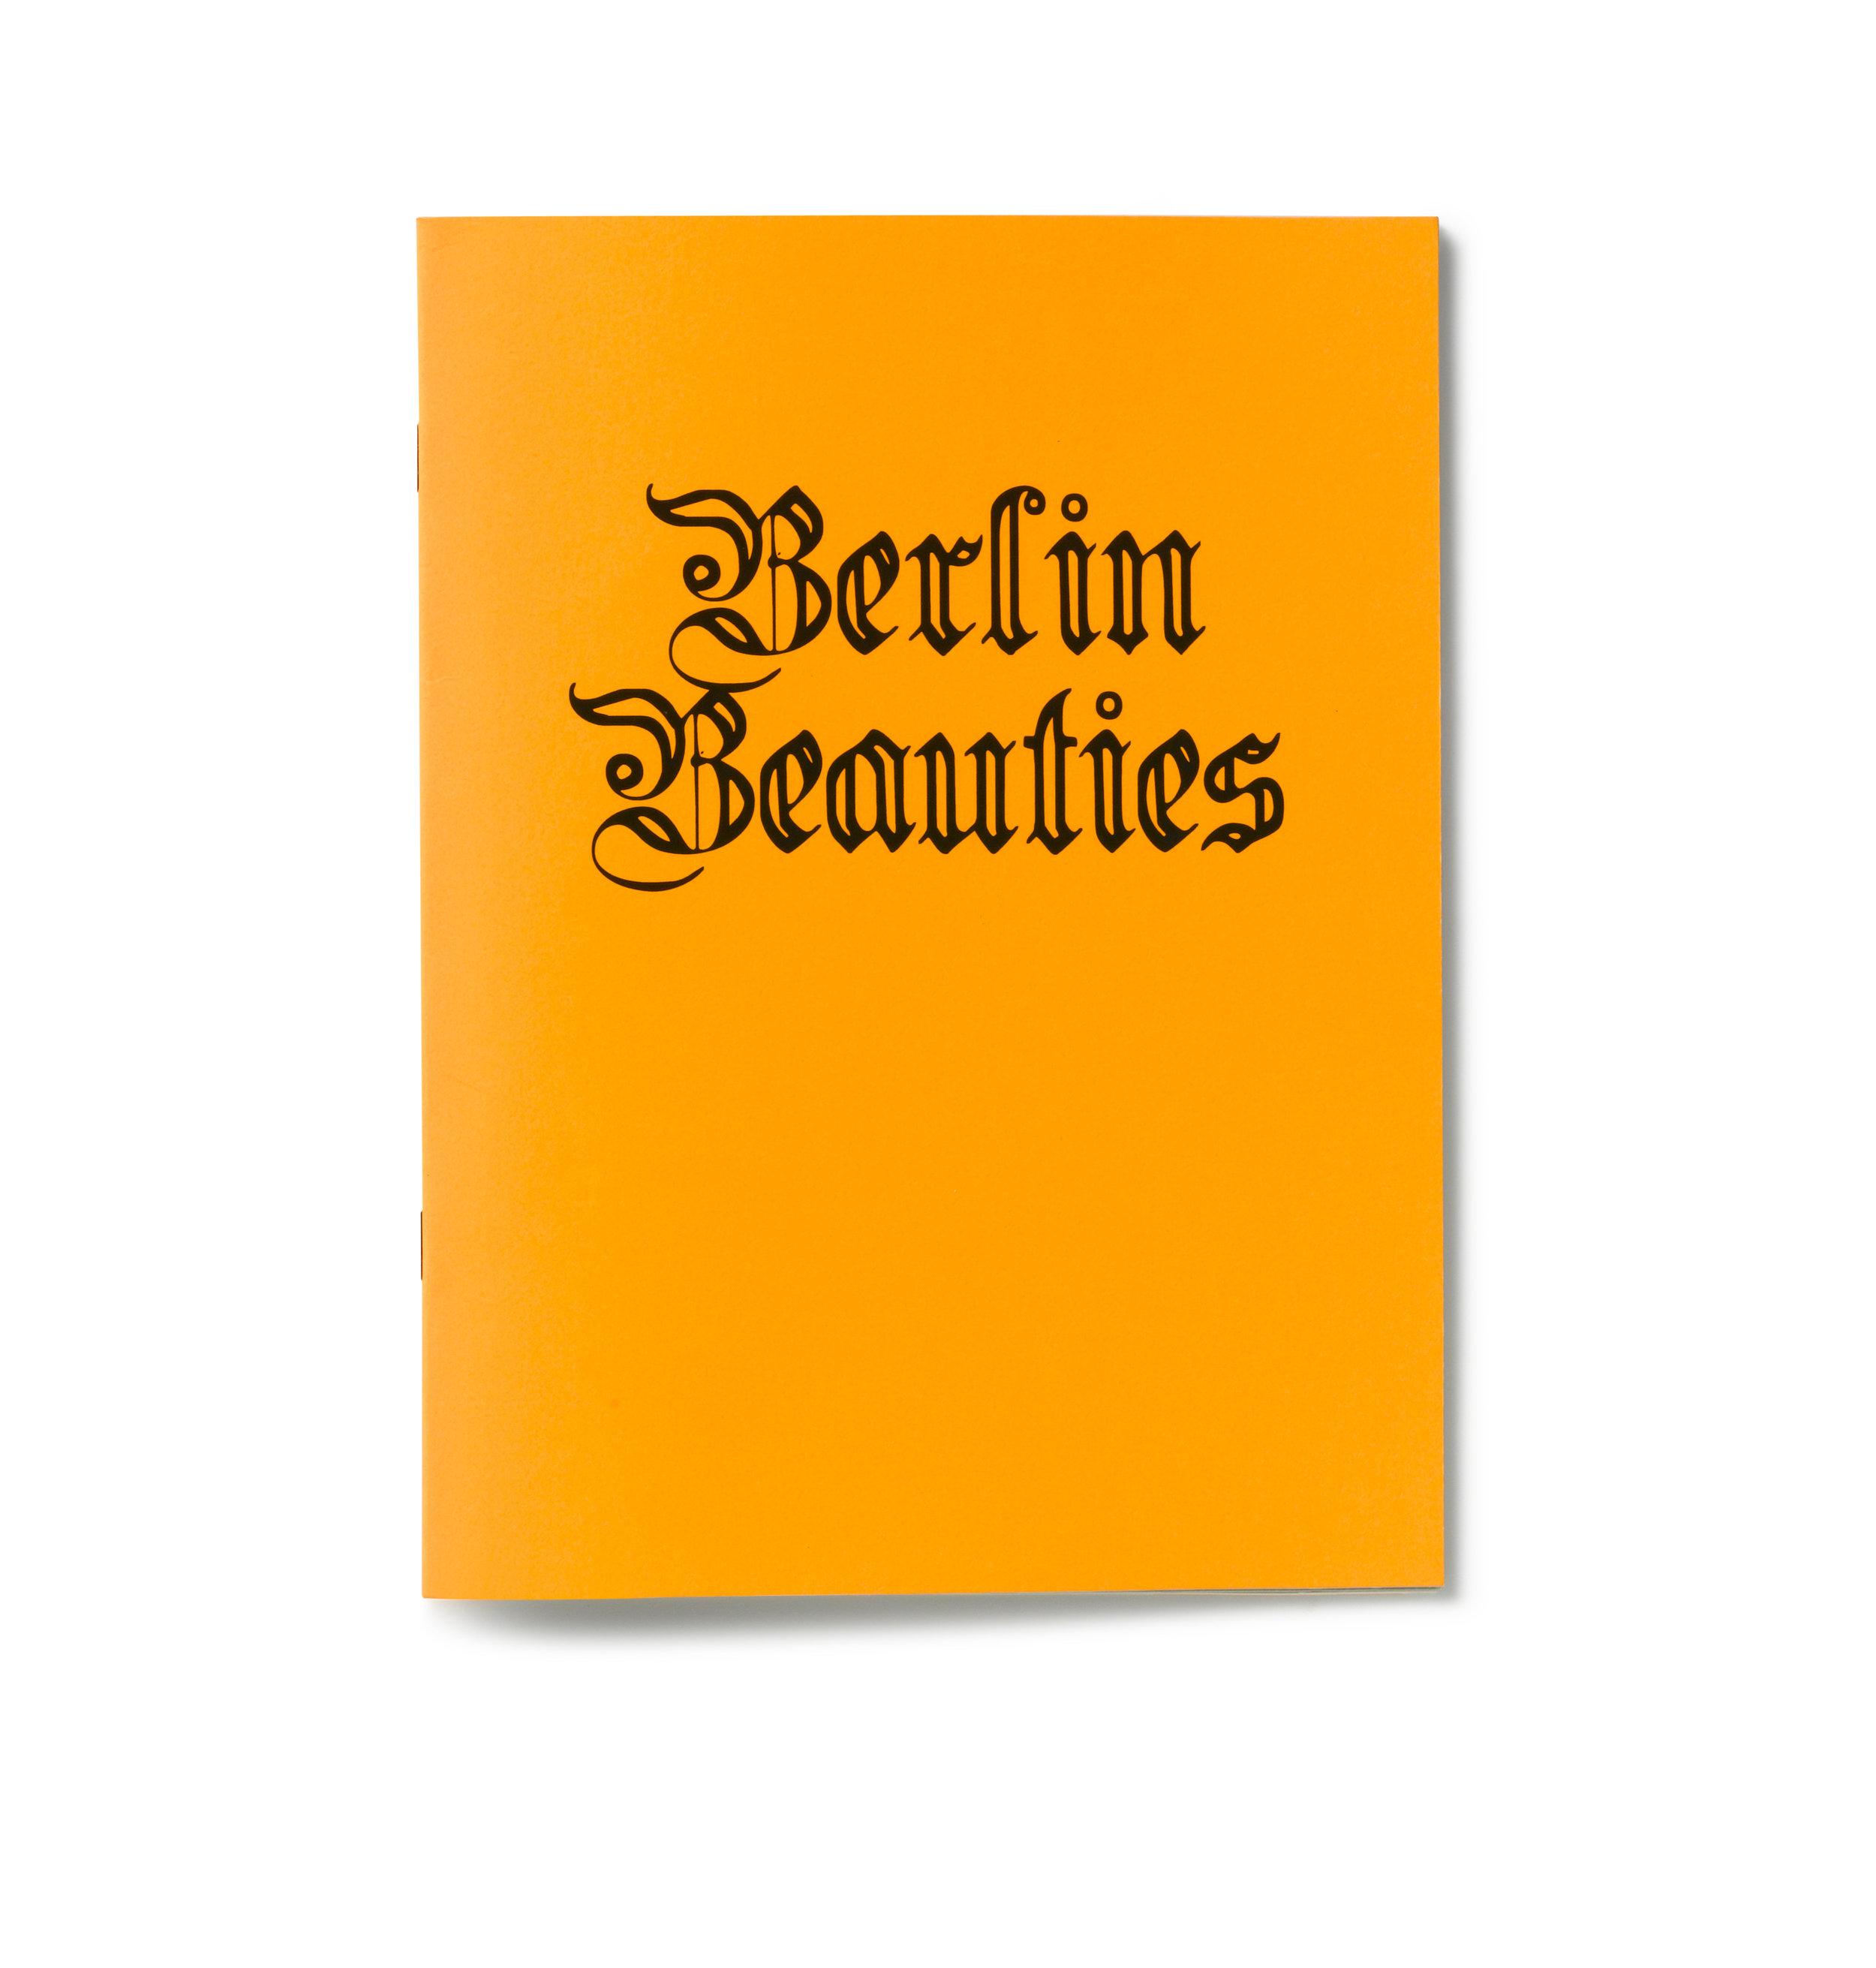 berlin beauties cover.jpg